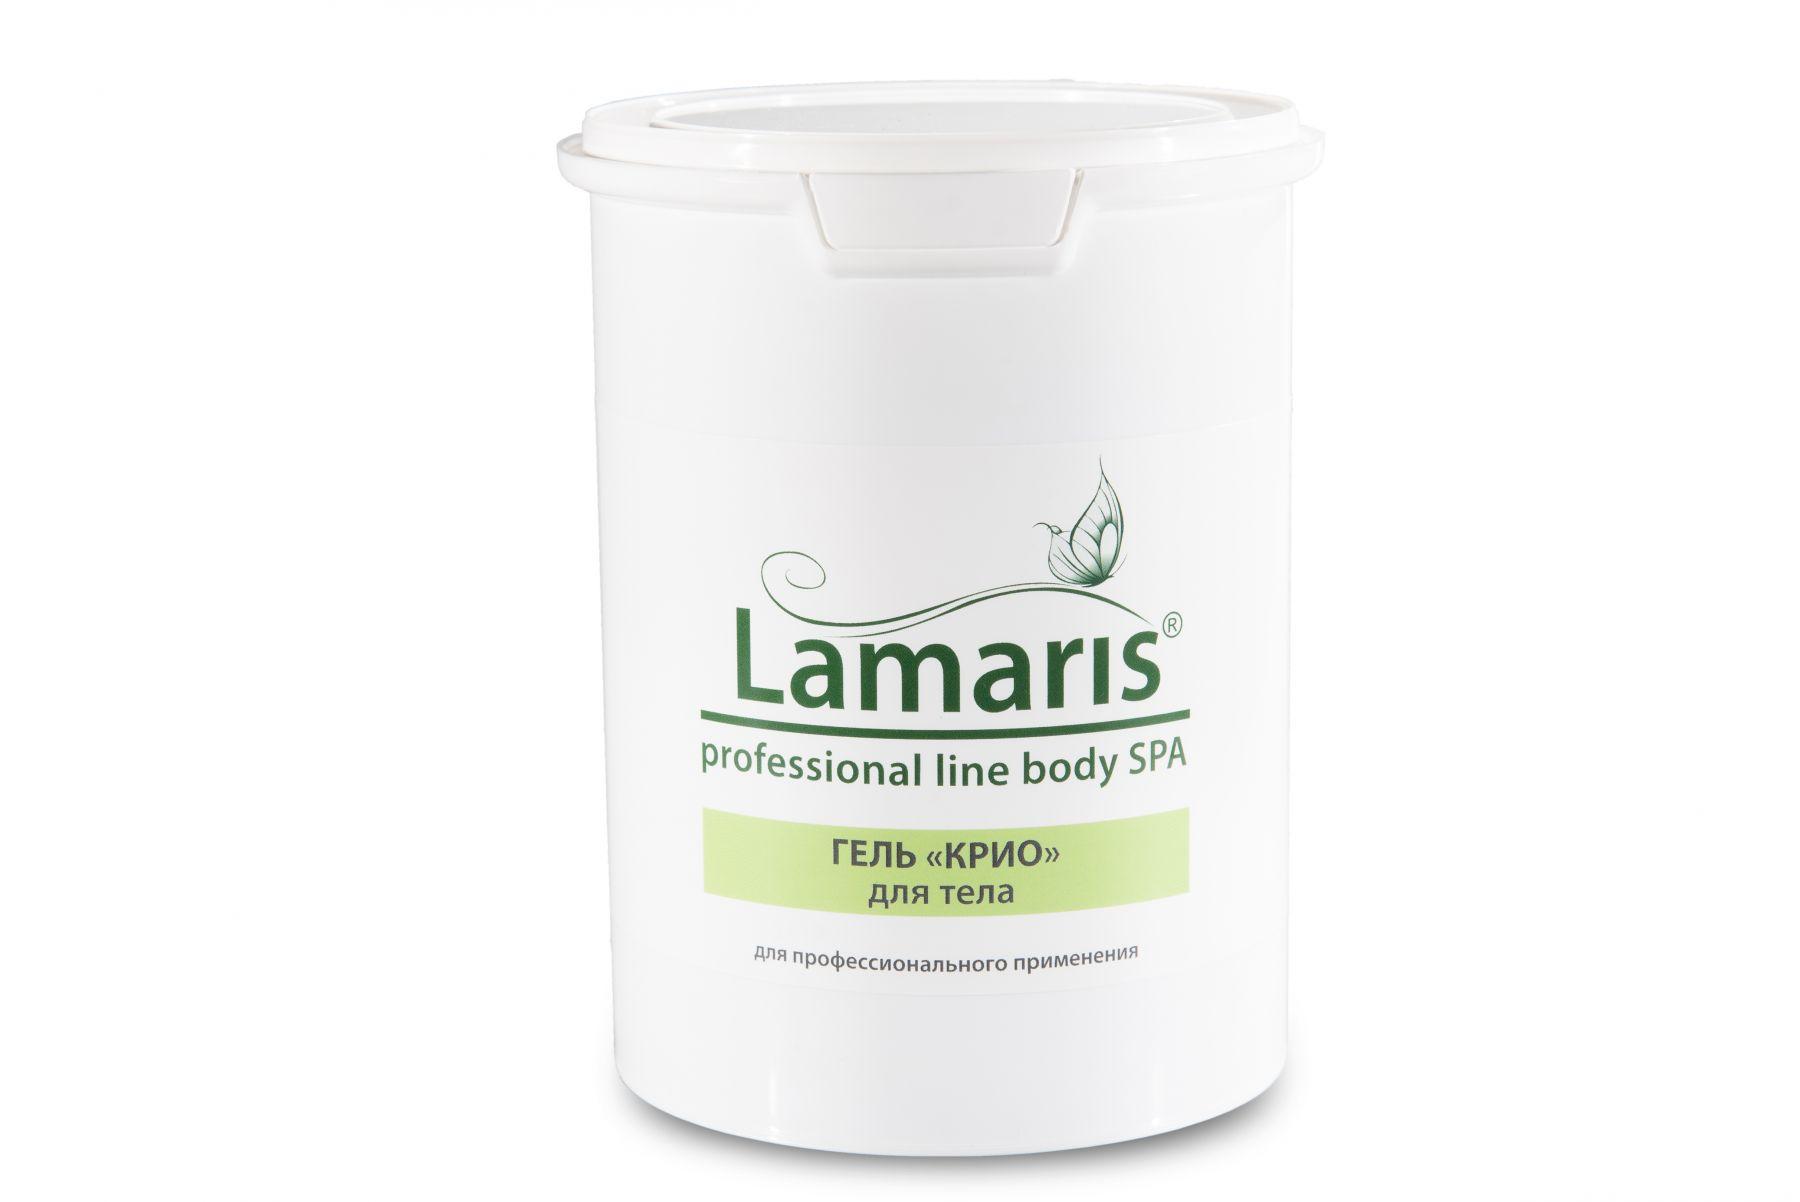 Гель КРИО для тела Lamaris – 1 л